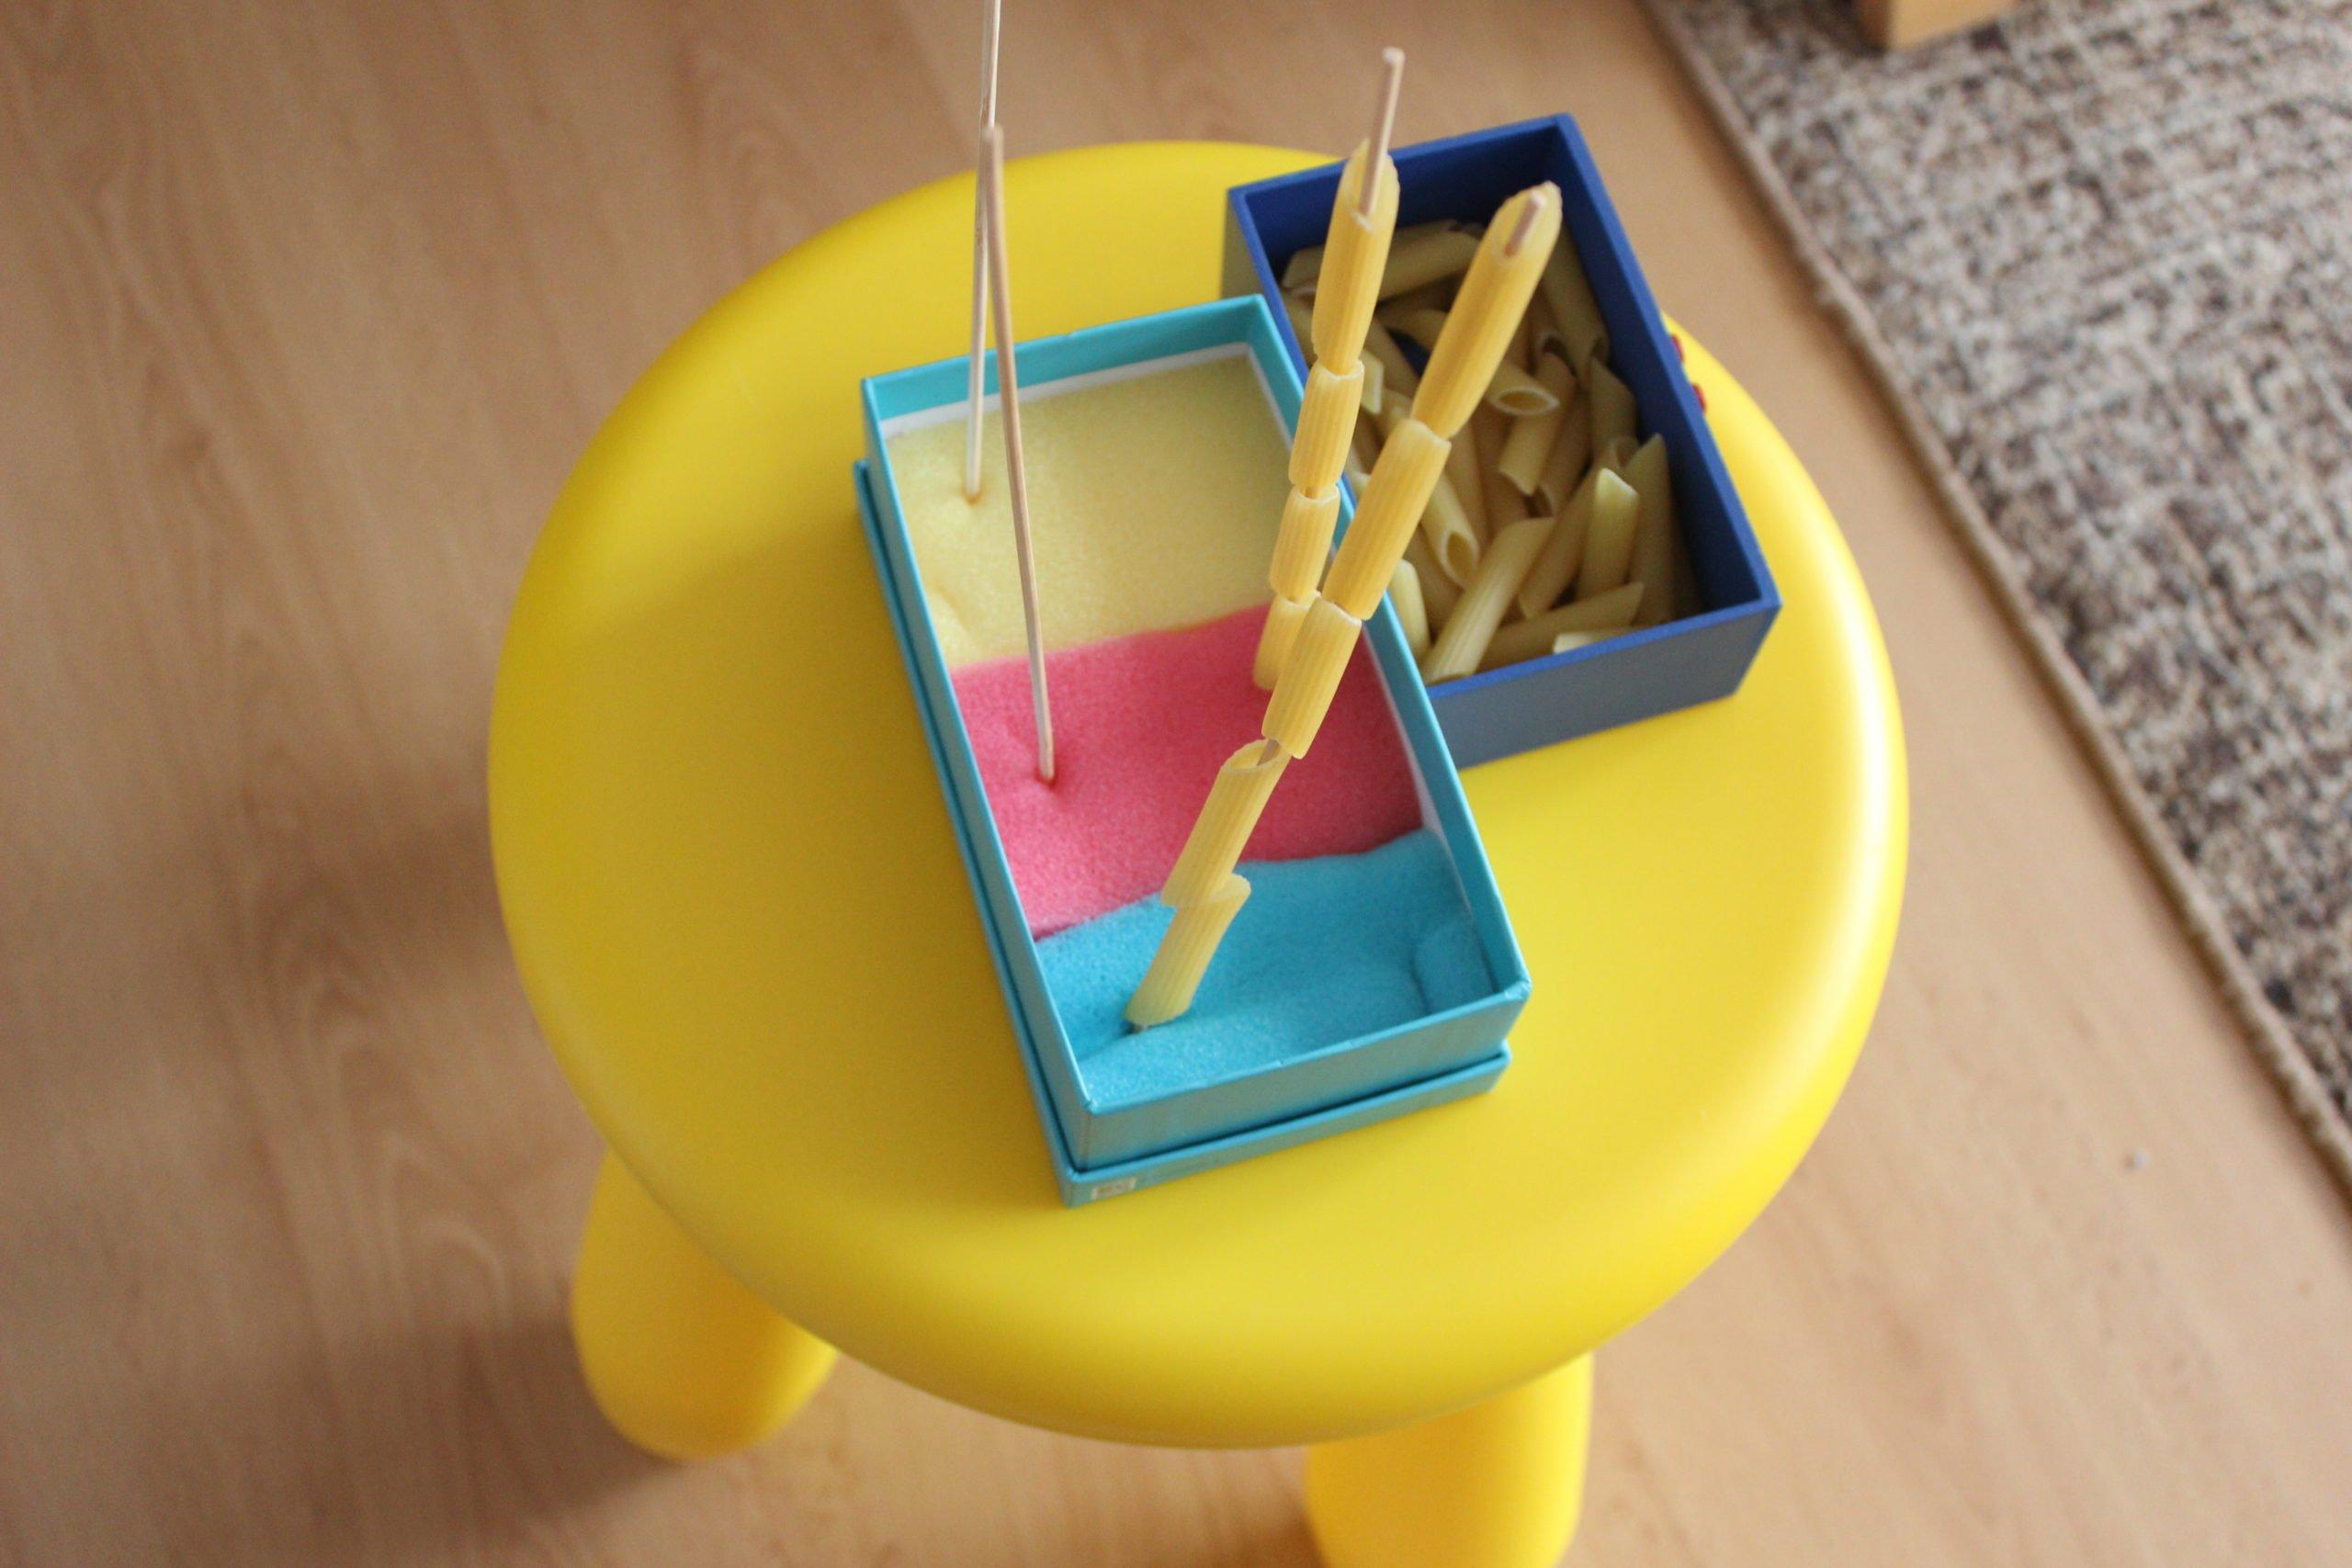 sorter diy w domu zabawy dla dzieci makaron